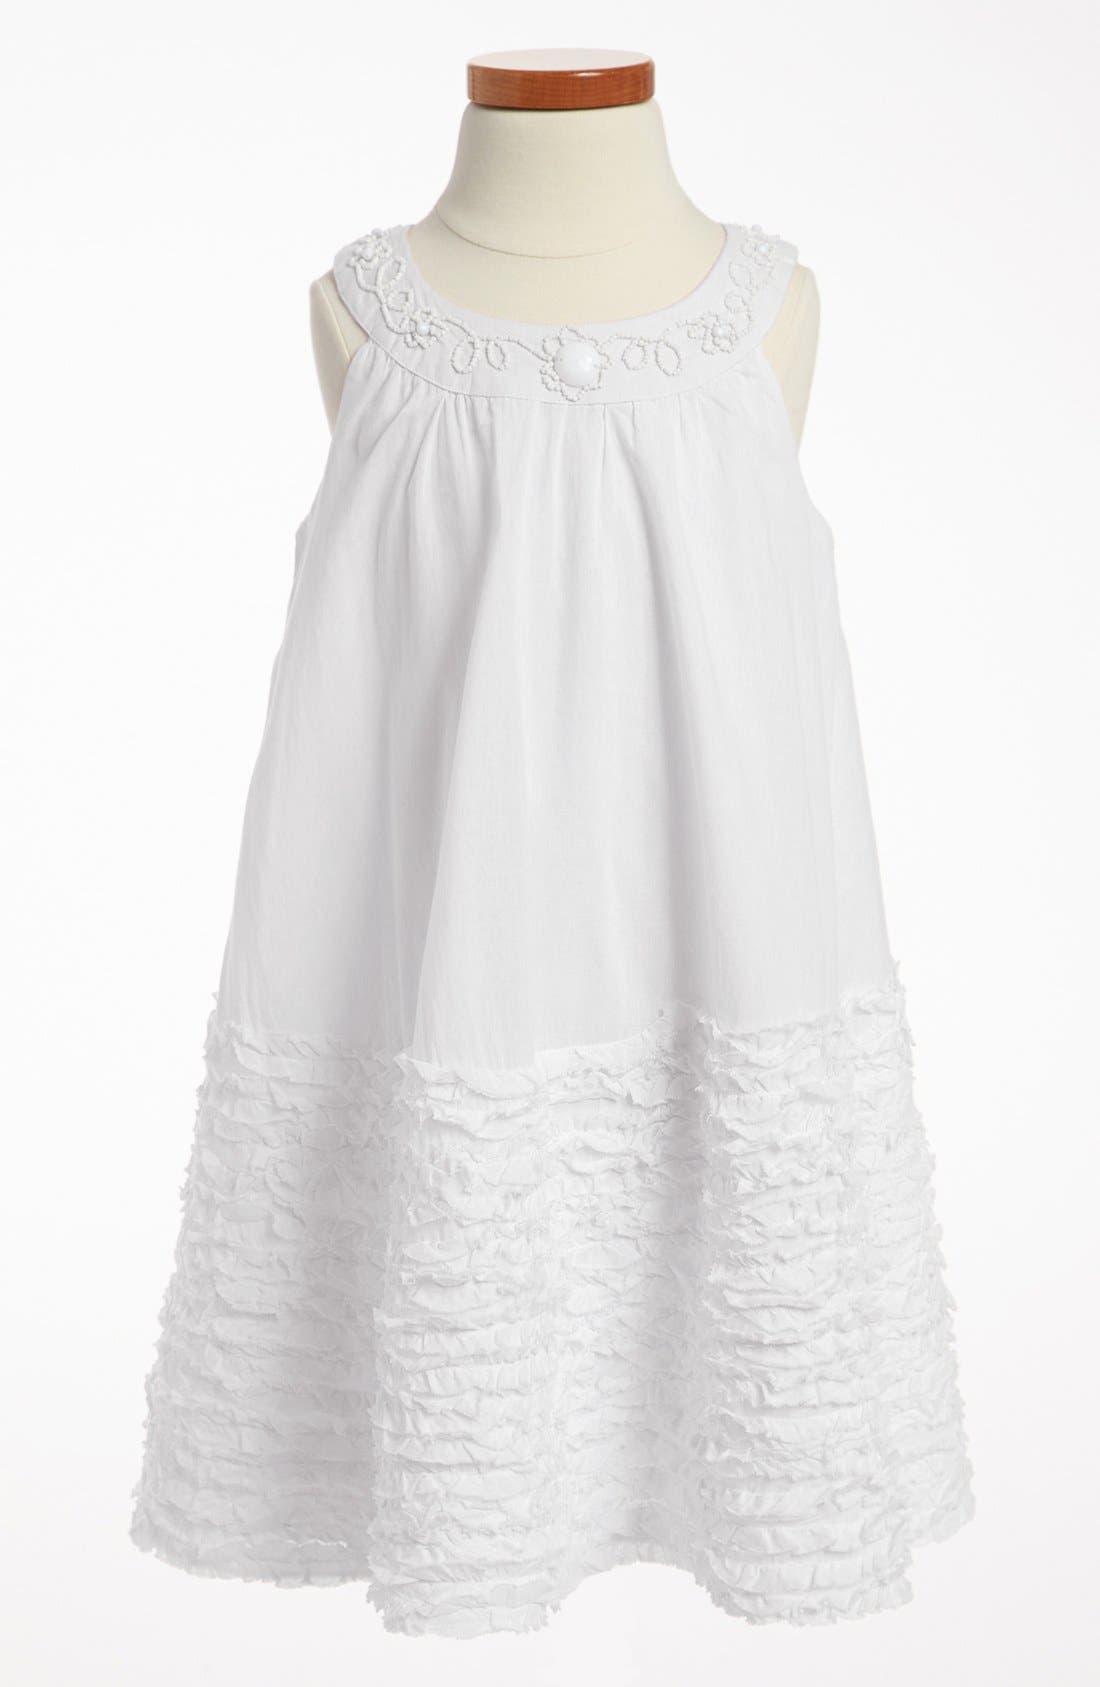 Alternate Image 1 Selected - La Piccola Danza Kidswear Ruffle Trapeze Dress (Little Girls & Big Girls)